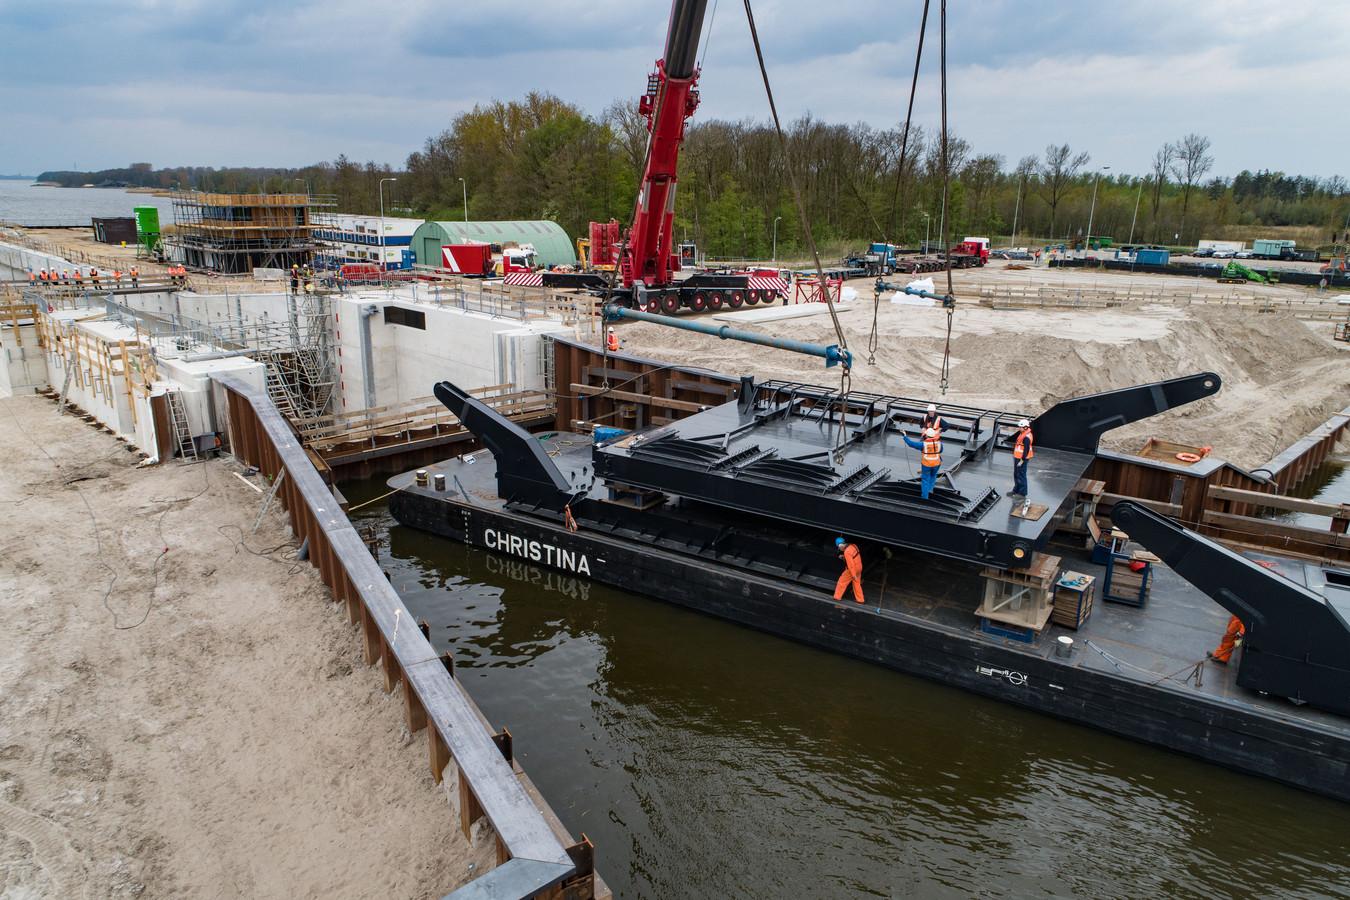 Het plaatsen van een loodzware deur in de Reevesluis tussen Kampen en Dronten is woensdag uitgesteld. De klus werd uitgesteld vanwege onjuiste ballast van de kraan. De deuren worden over water aangevoerd en met een 500 tons telekraan op hun plek gehesen. Donderdag is een nieuwe poging.